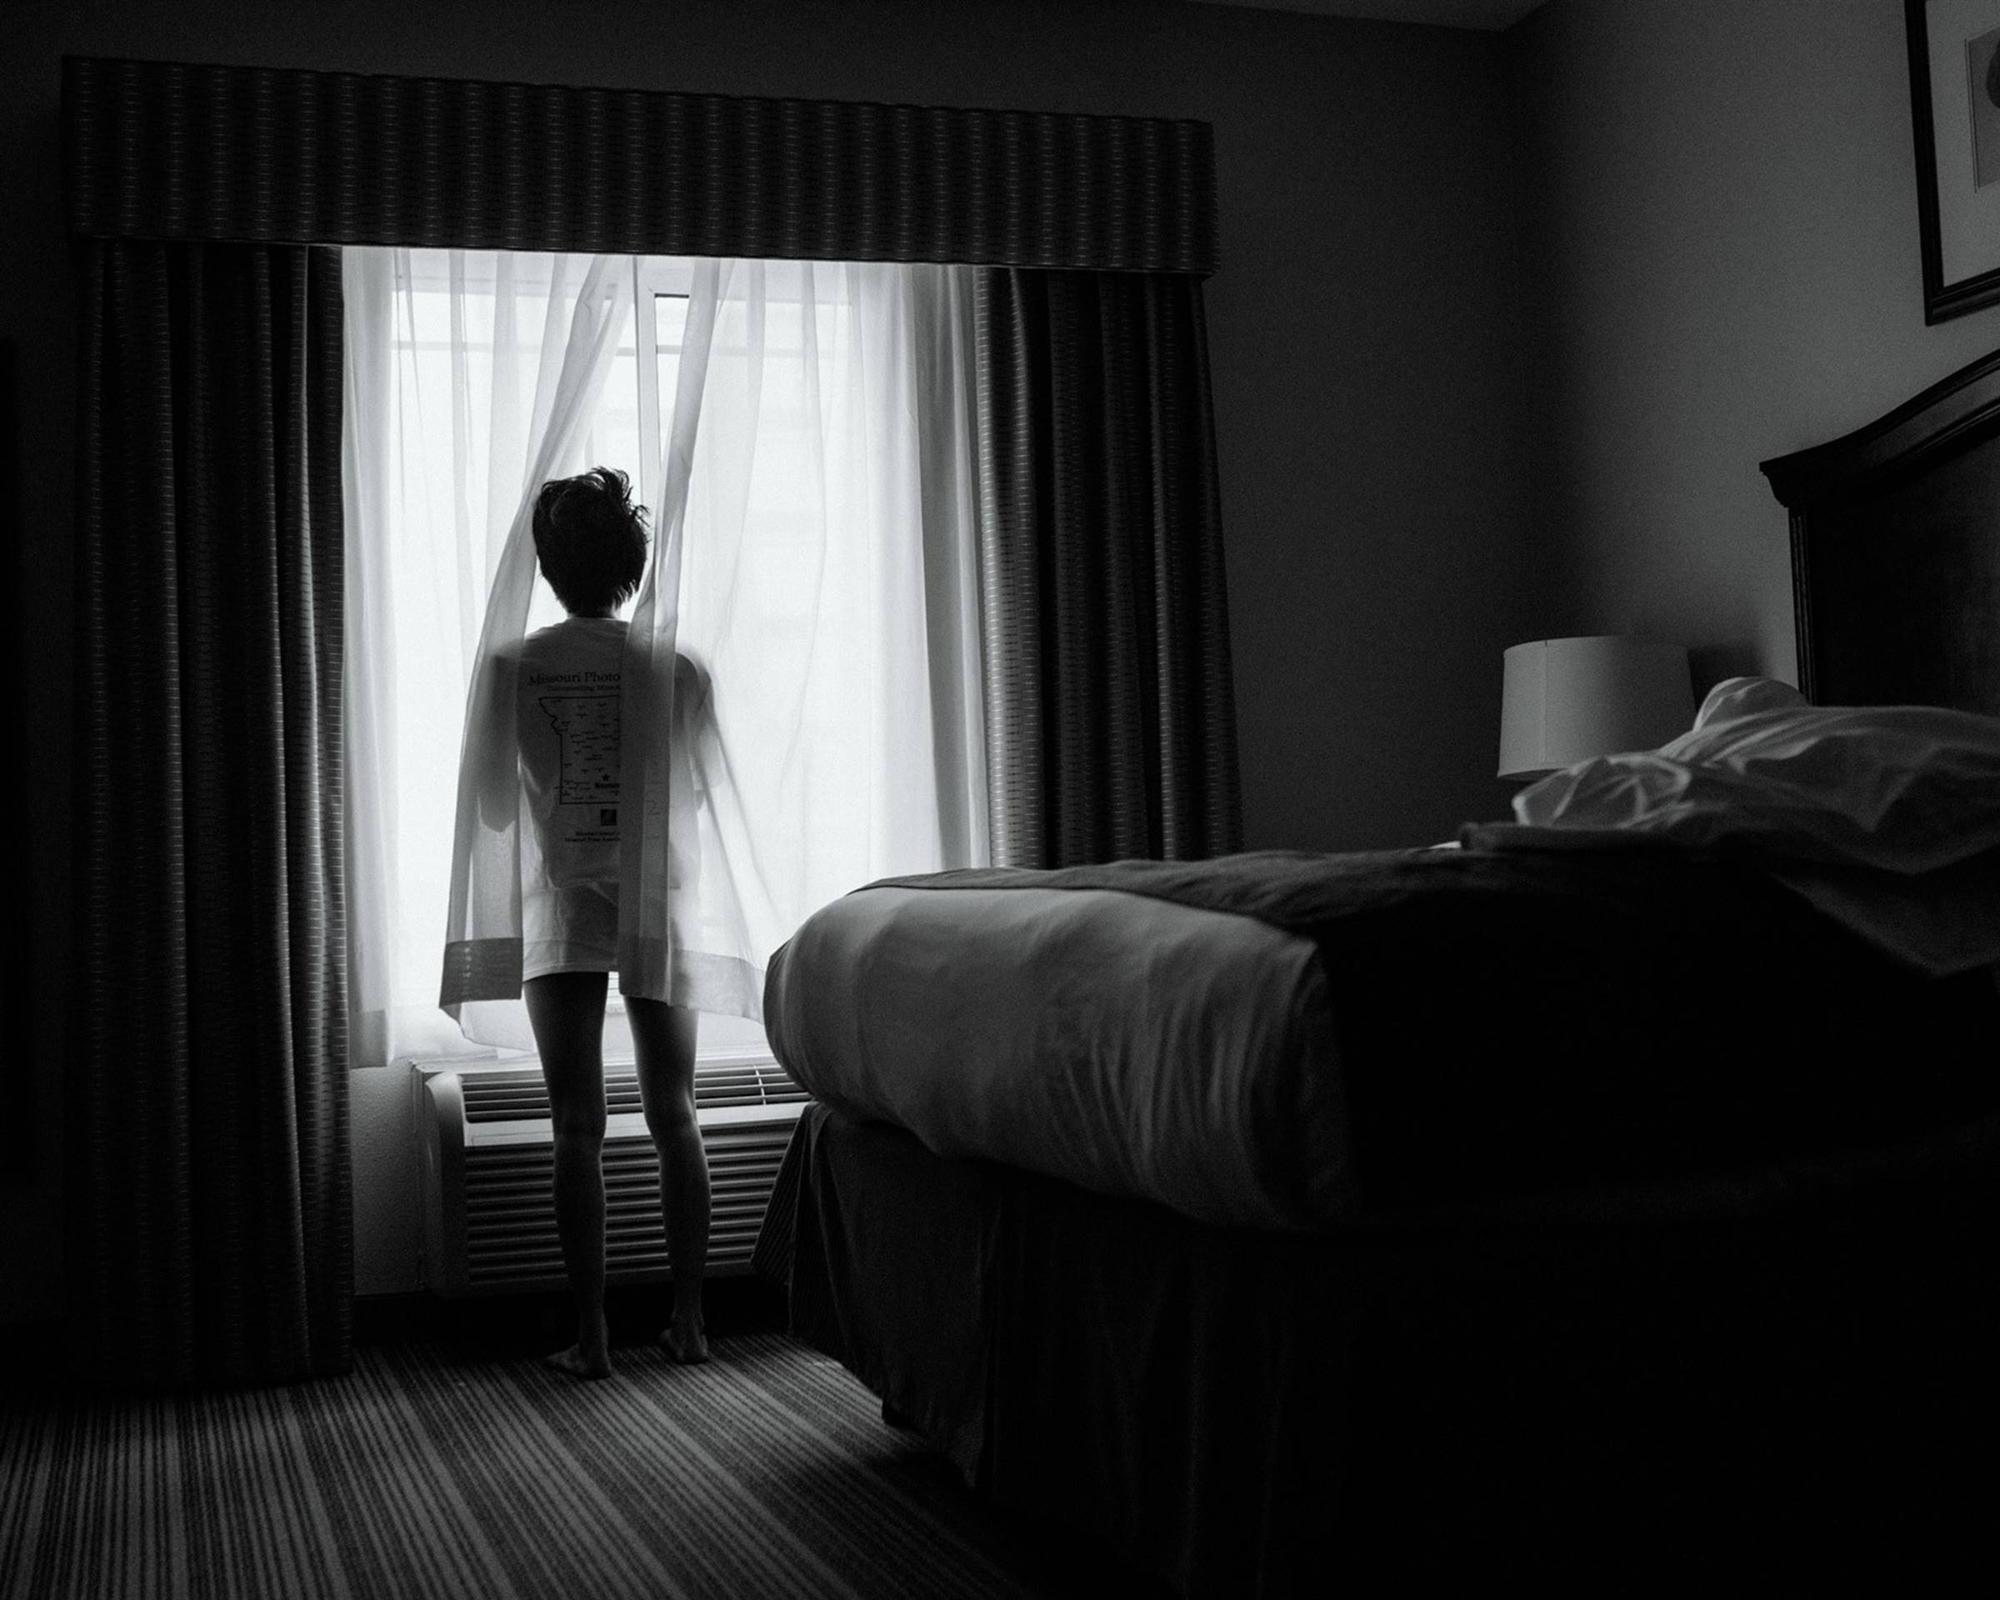 Nhật ký qua ảnh đầy xúc cảm của nữ y tá bị cưỡng hiếp và phải tự mình tìm lấy ánh sáng giữa hố sâu tăm tối-4